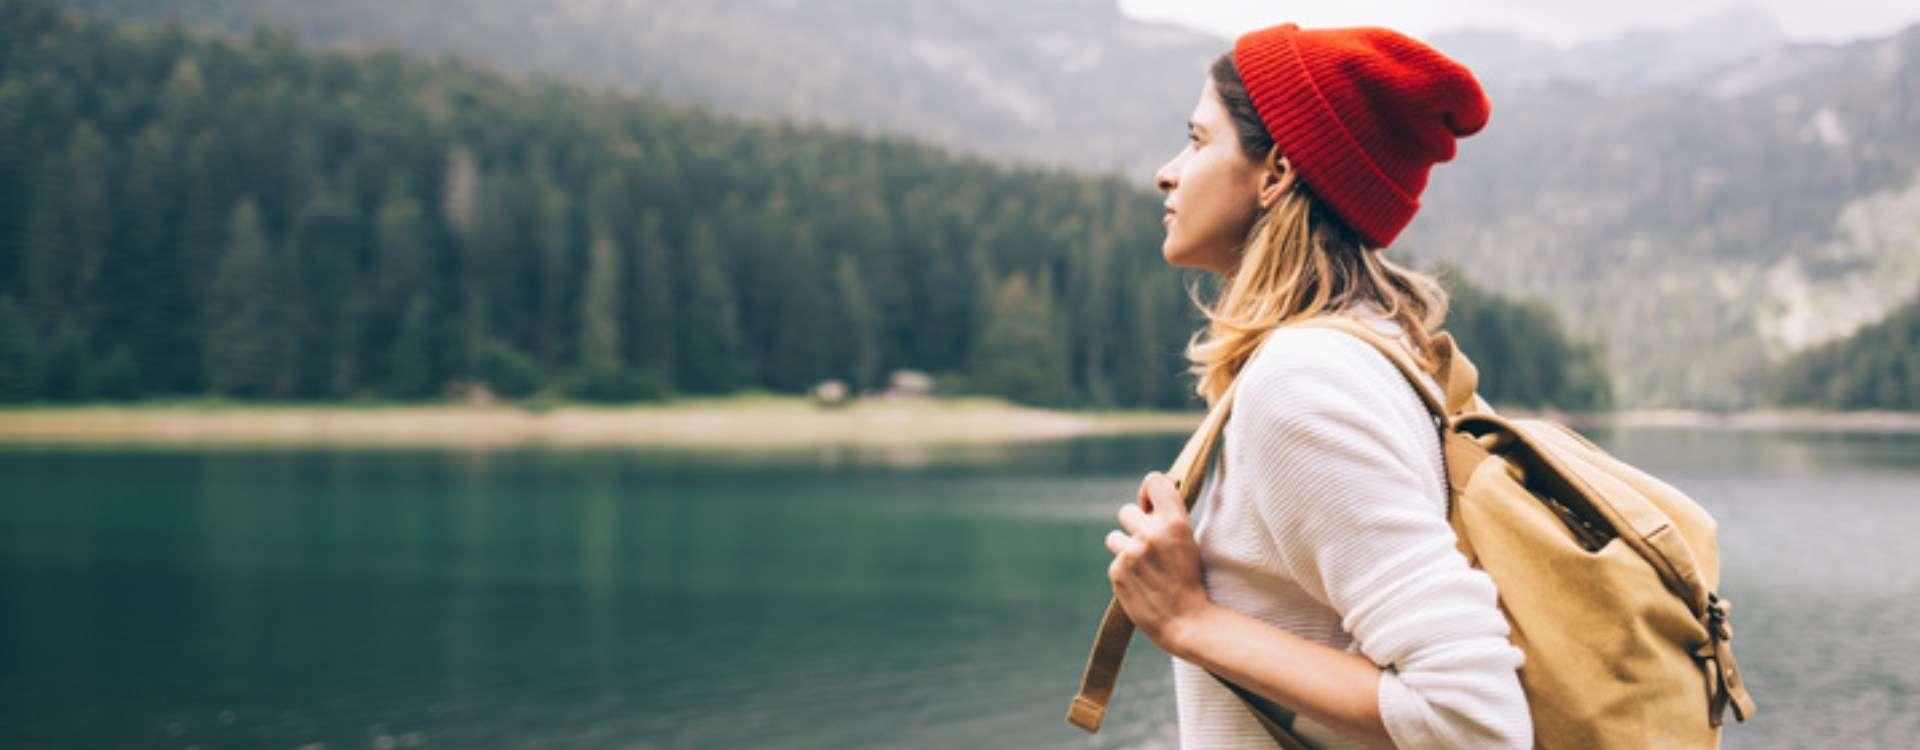 Célibat : la liste des choses à faire avant de trouver l'amour